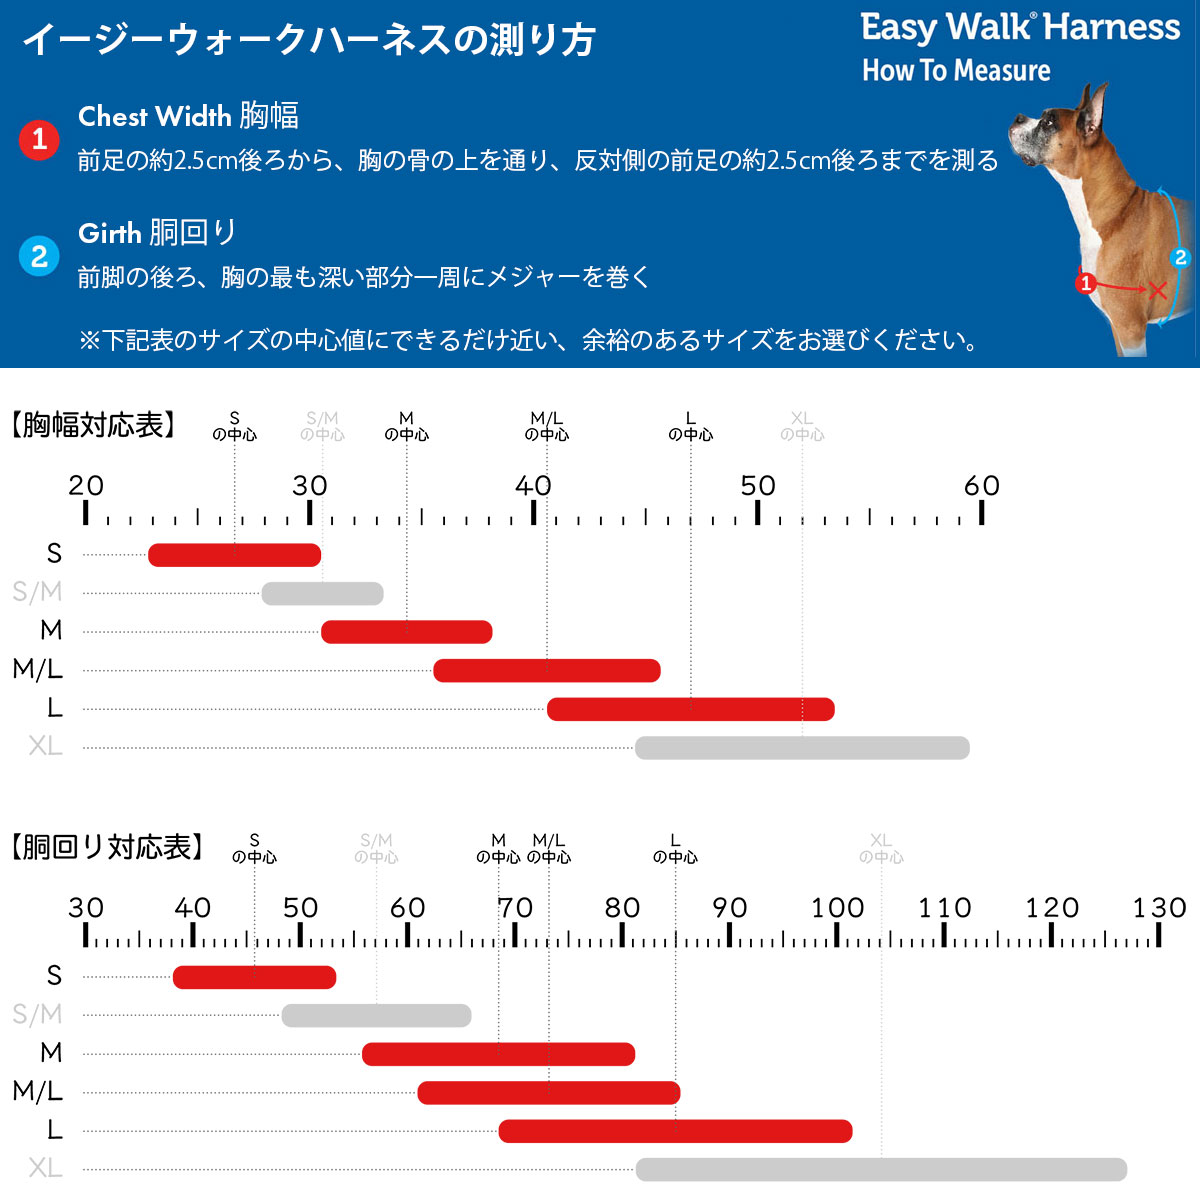 サイズの測り方と対応表